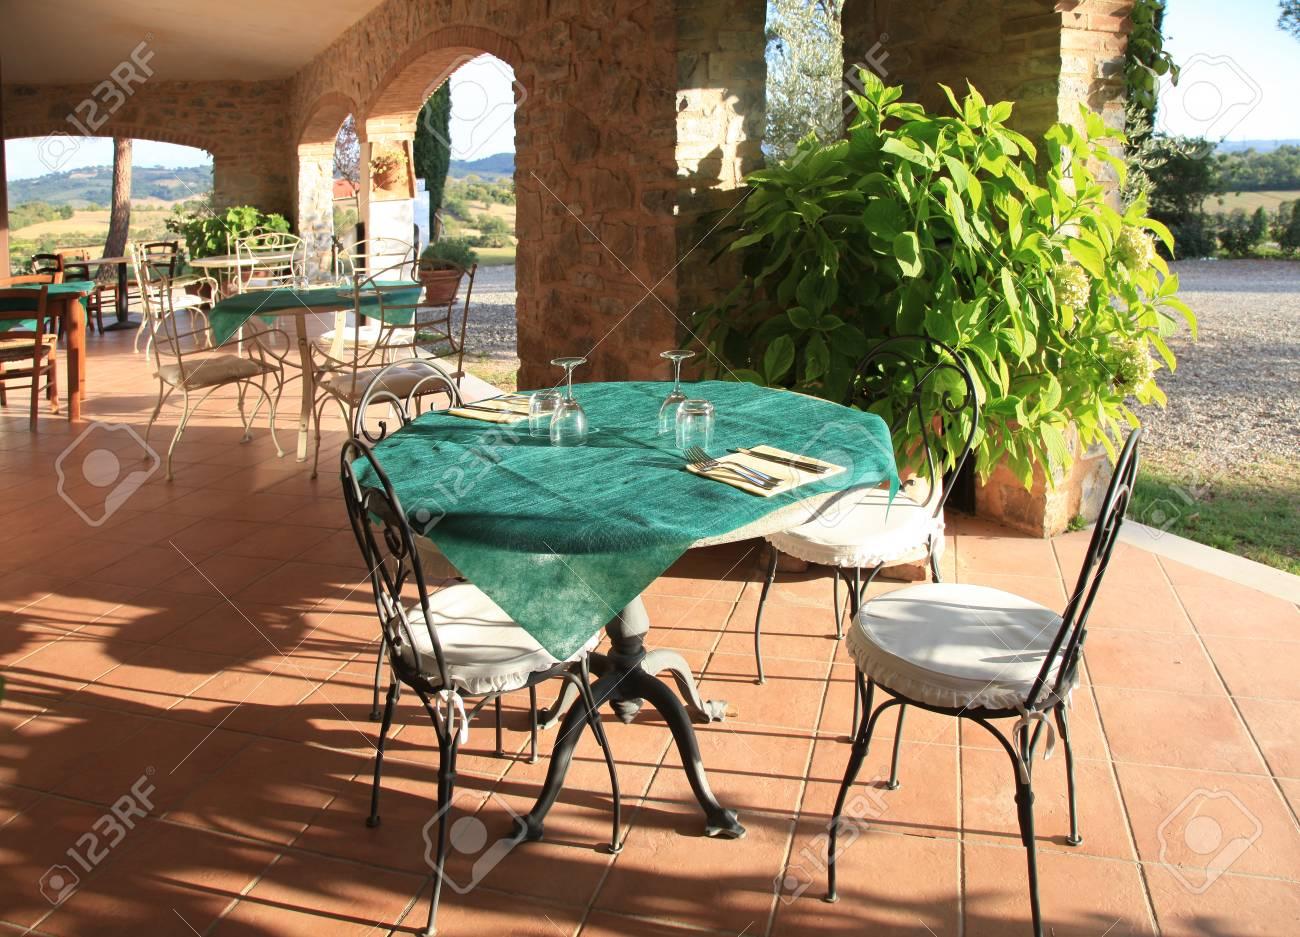 Bella Vista Con Tavoli E Sedie In Un Caffè All Aperto Terrazza Nel Villaggio Italiano Toscana Italia